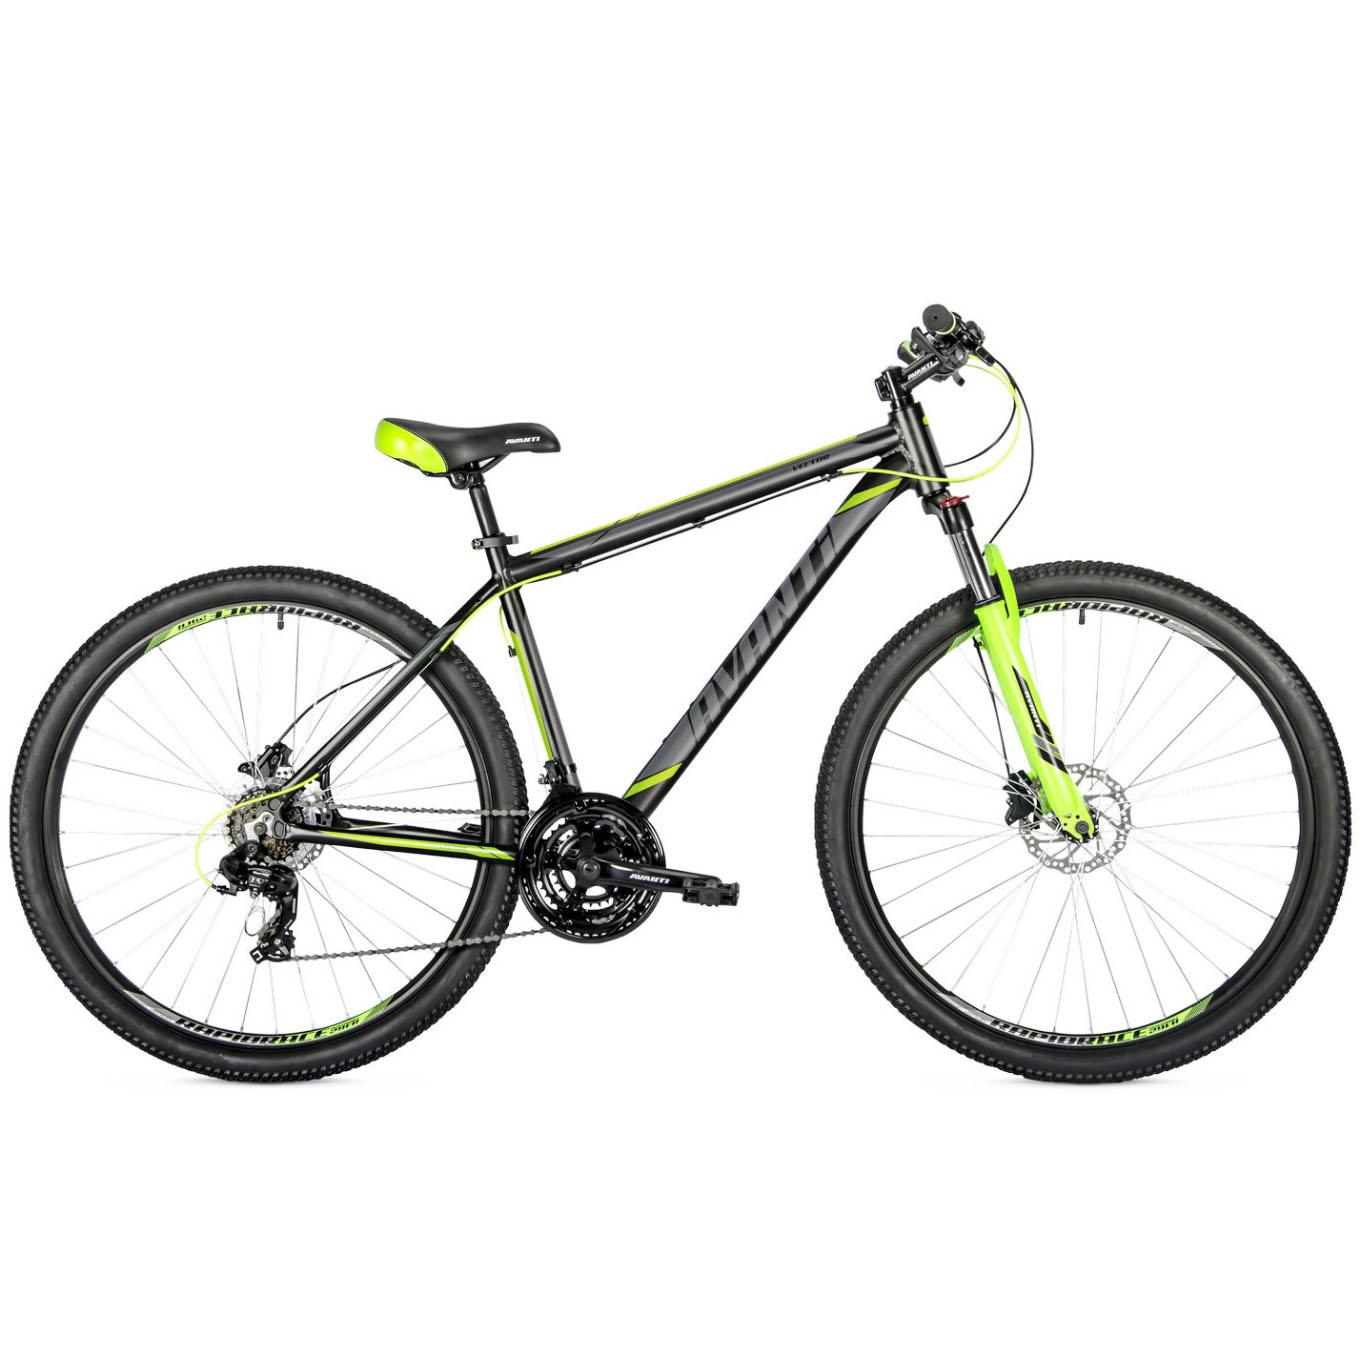 Фото Горный Велосипед   29 Avanti Vector disk 2018 вилка Lock Out черно-зеленый